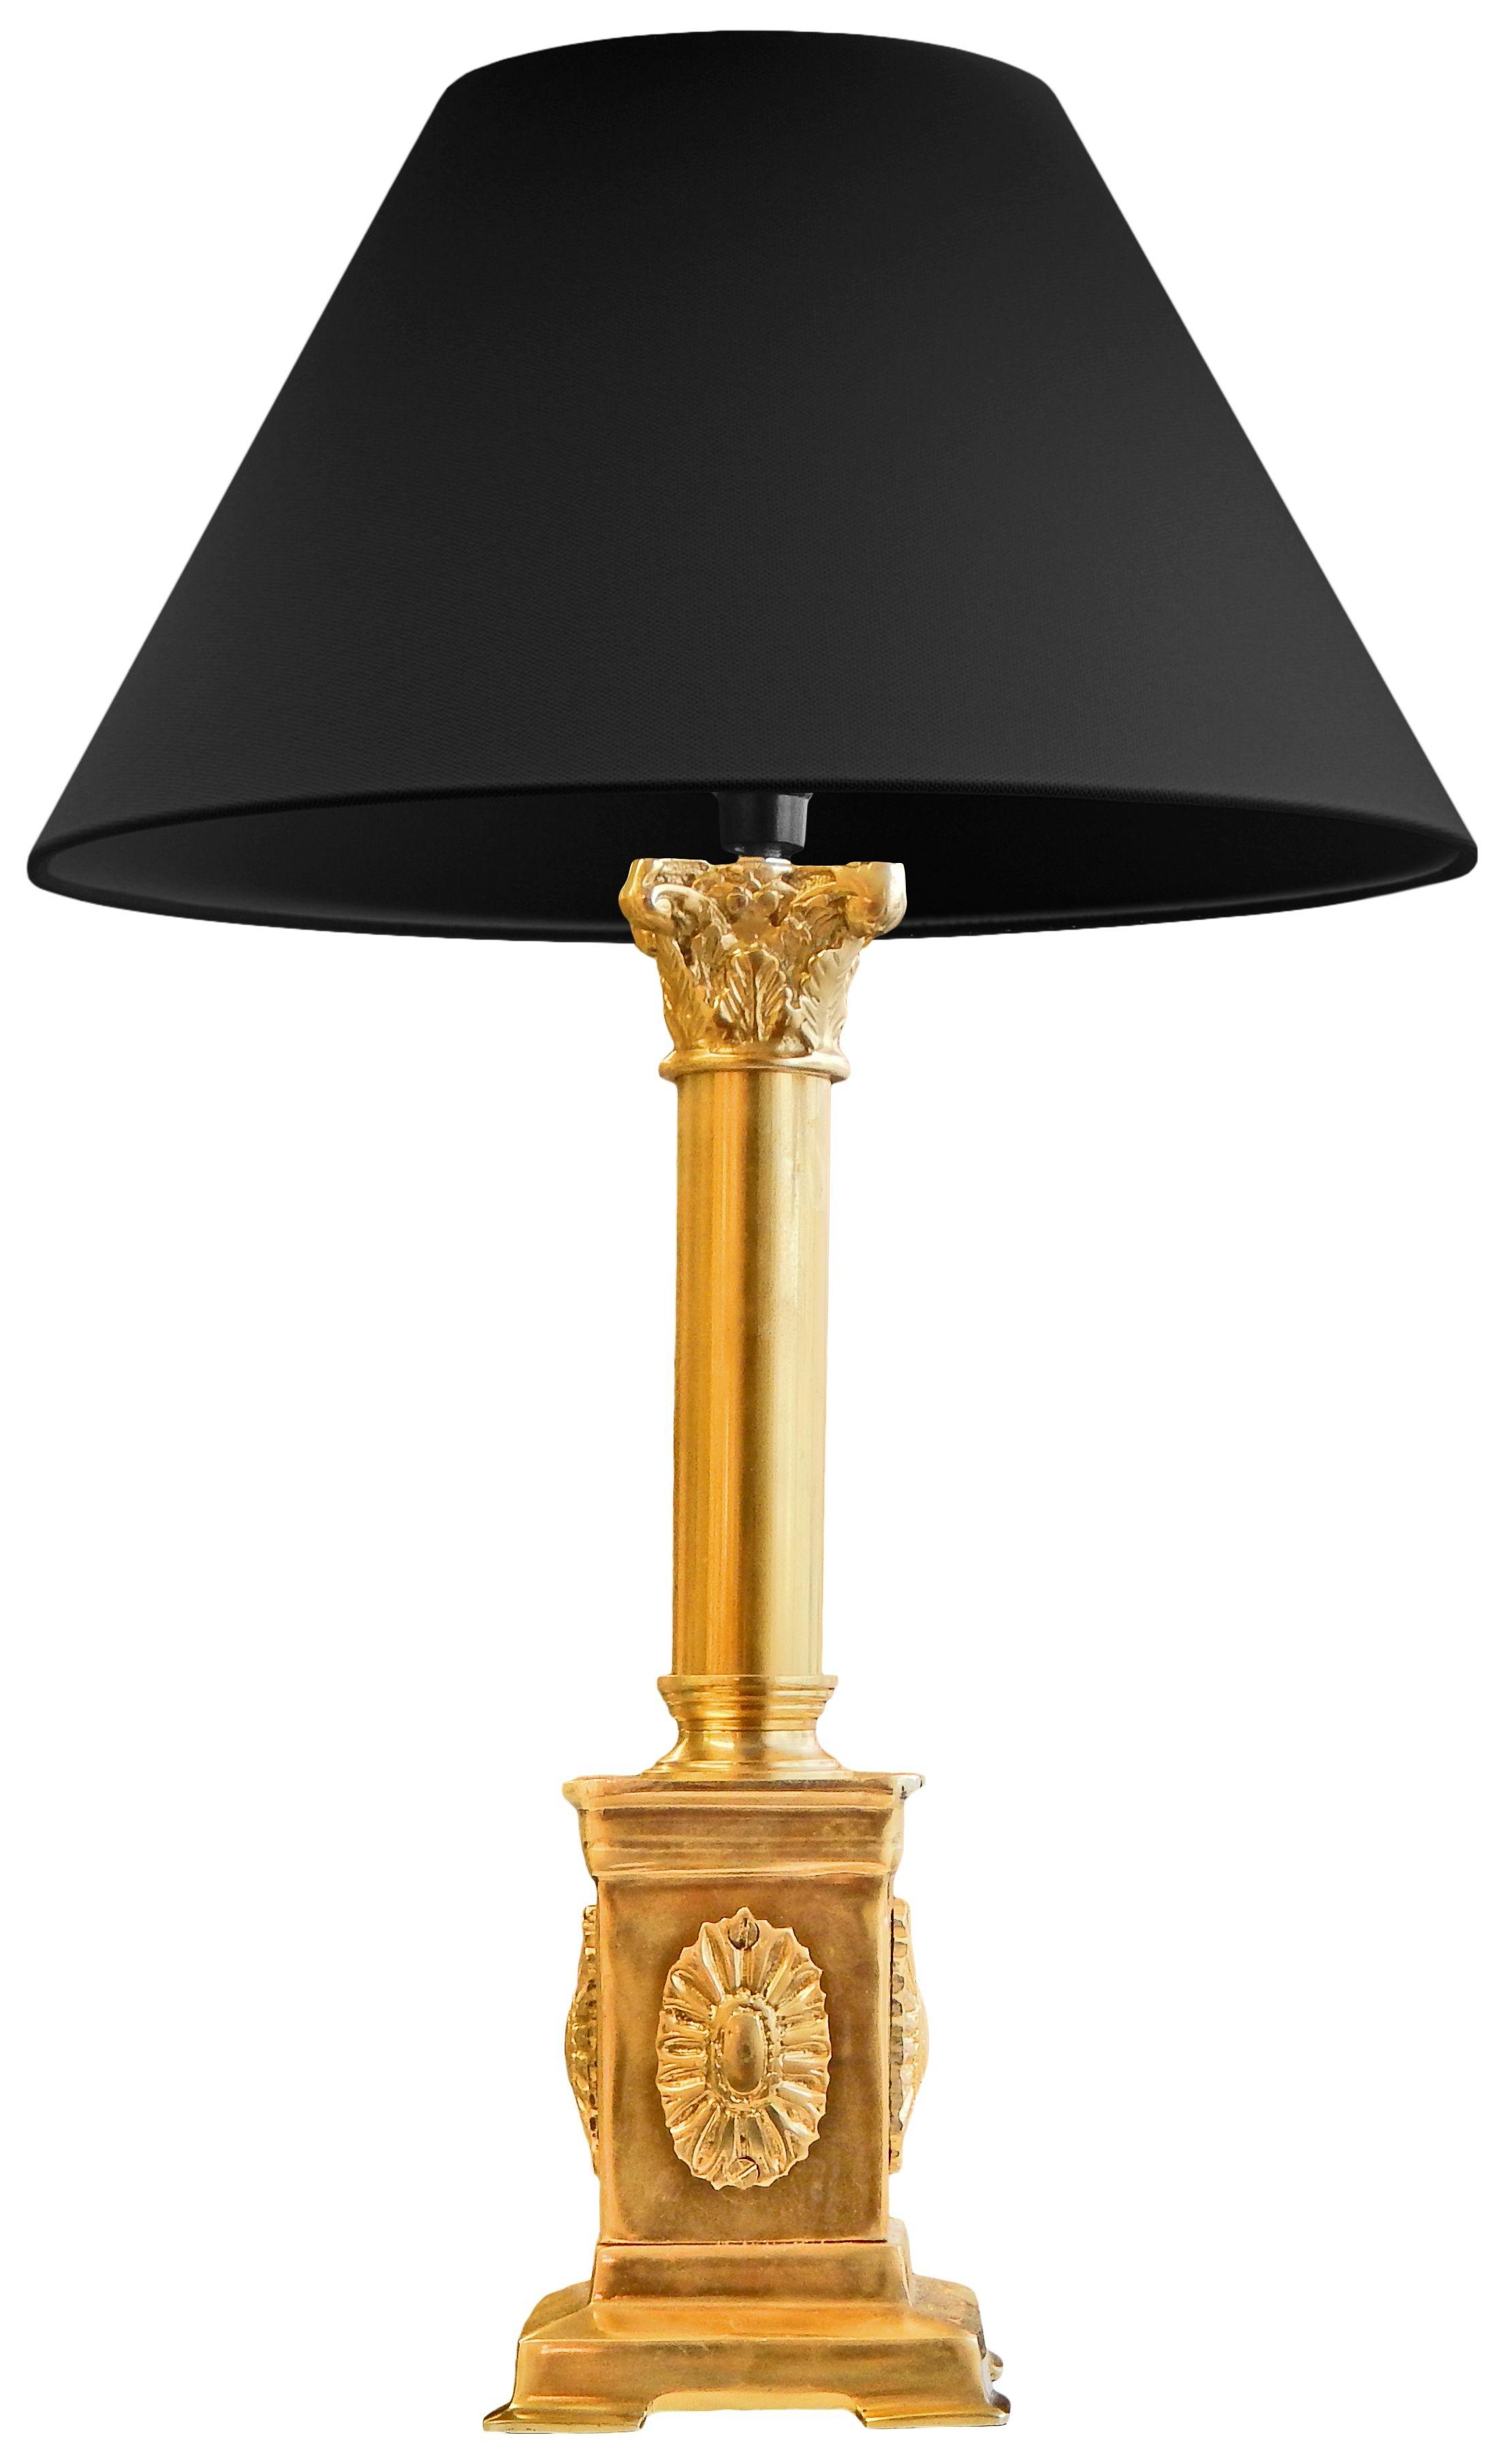 Doré En Lampe Pied Style De Empire Sur Bronze bYyf6gv7